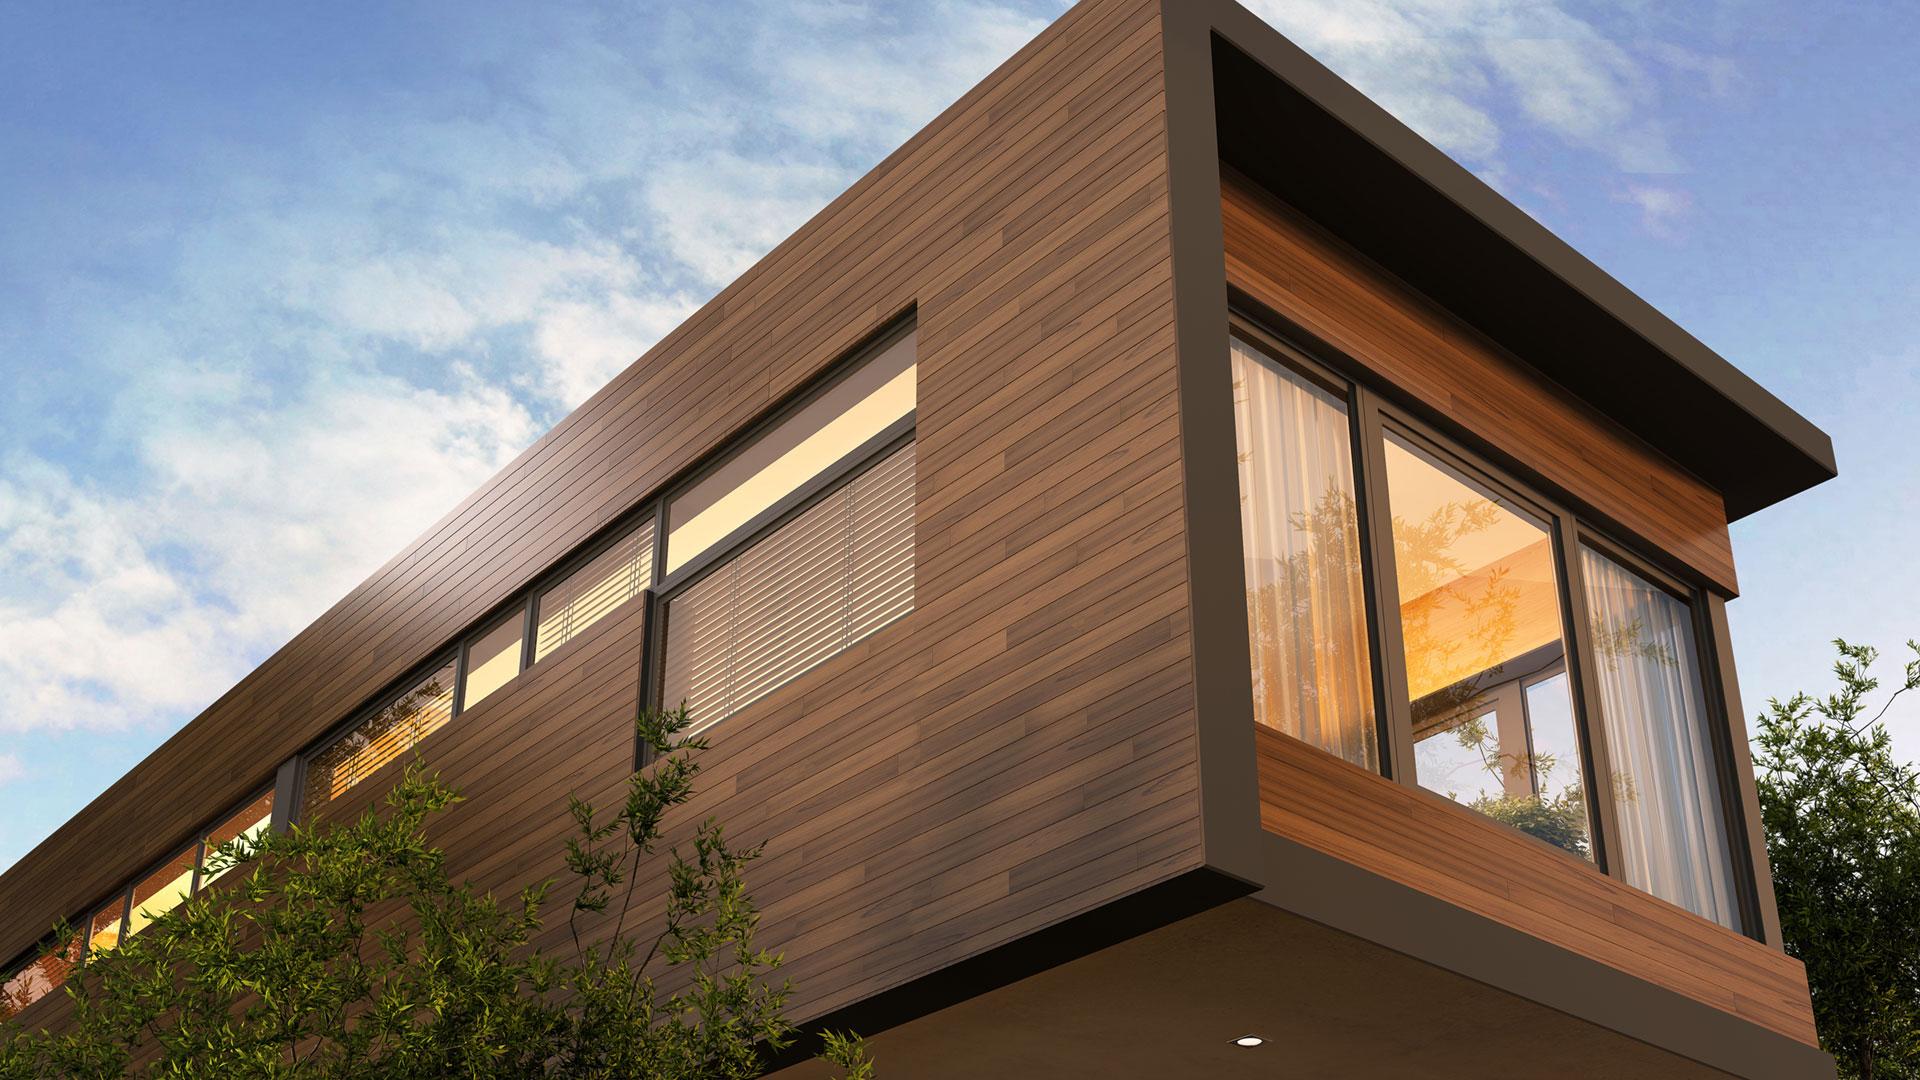 Haus mit Holzfassade in Dämmerung